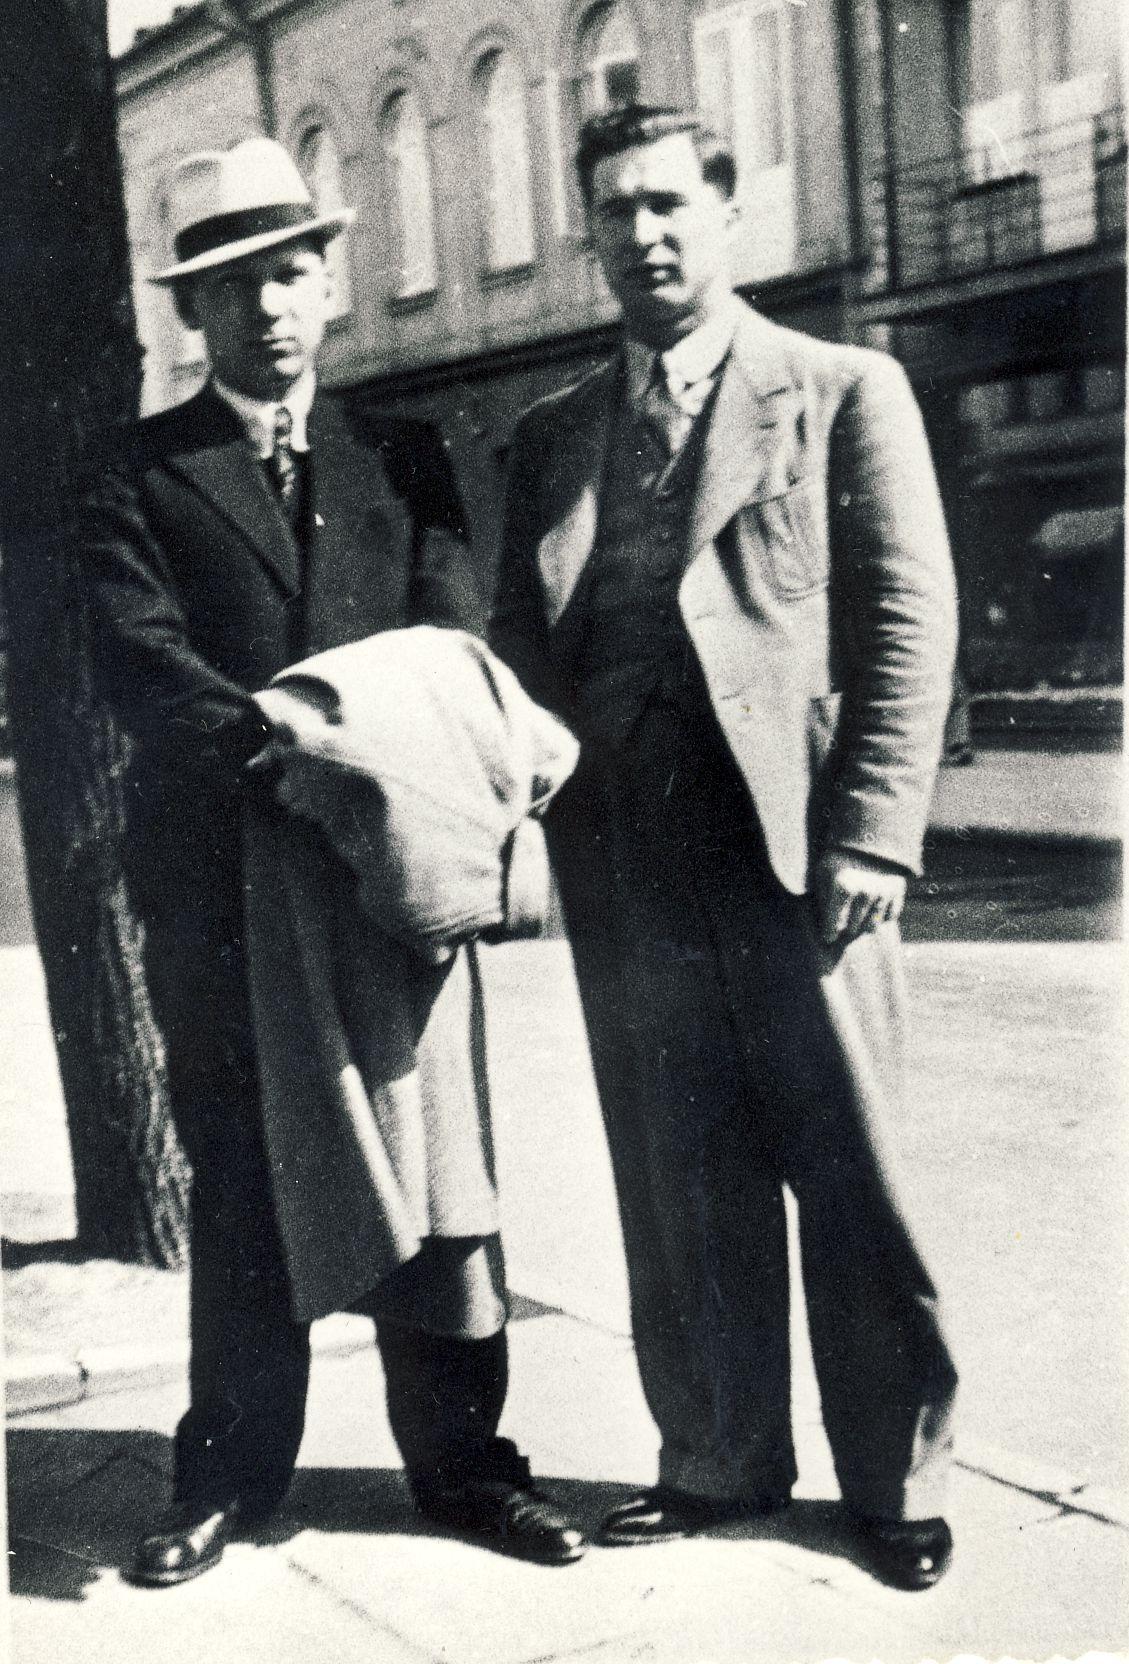 """Su """"Raudonmedžio rojaus"""" Čarlio prototipu – gimnazijos laikų bičiuliu Charles Pociumi, po karo pasitraukusiu į Kanadą. Kaunas. 1937 m."""